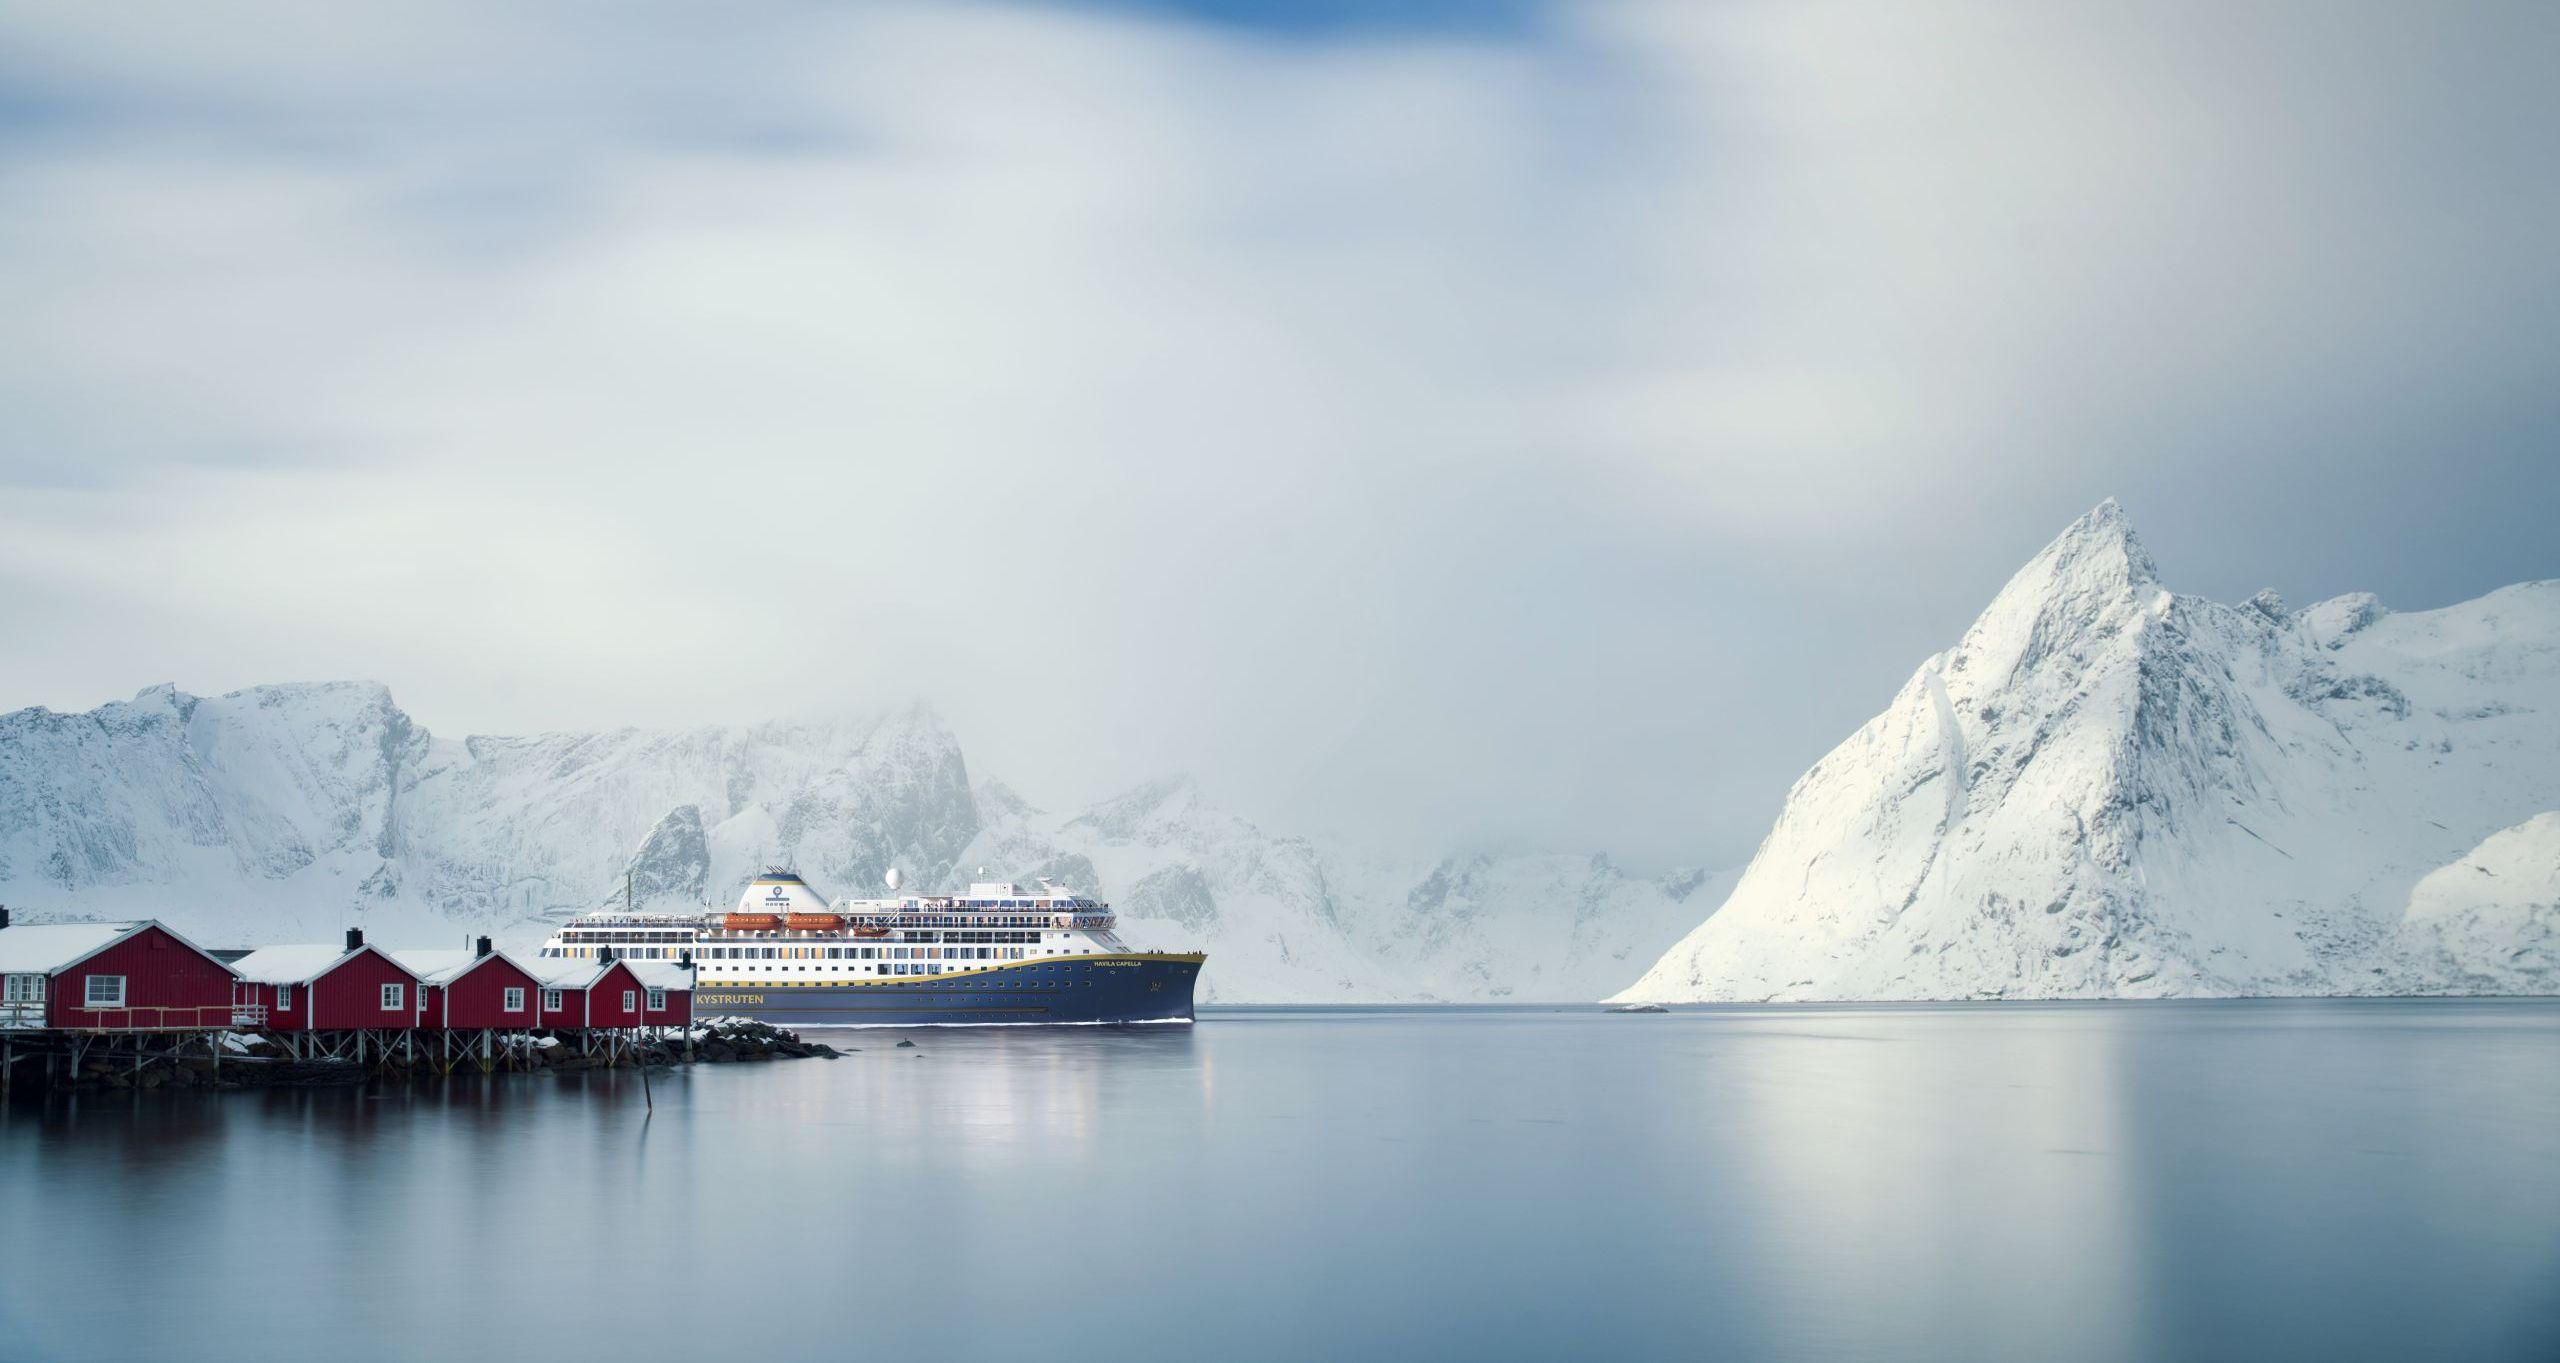 glur-reisen-baut-das-segment-der-expeditions-seereisen-stark-aus